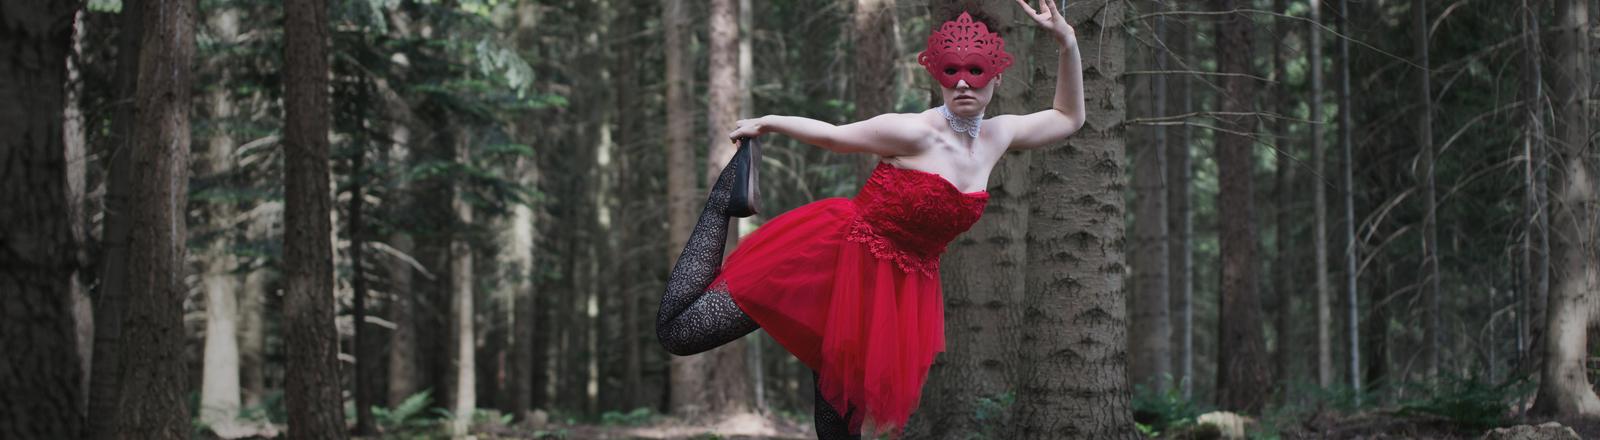 Maskierte Frau tanzt im Wald